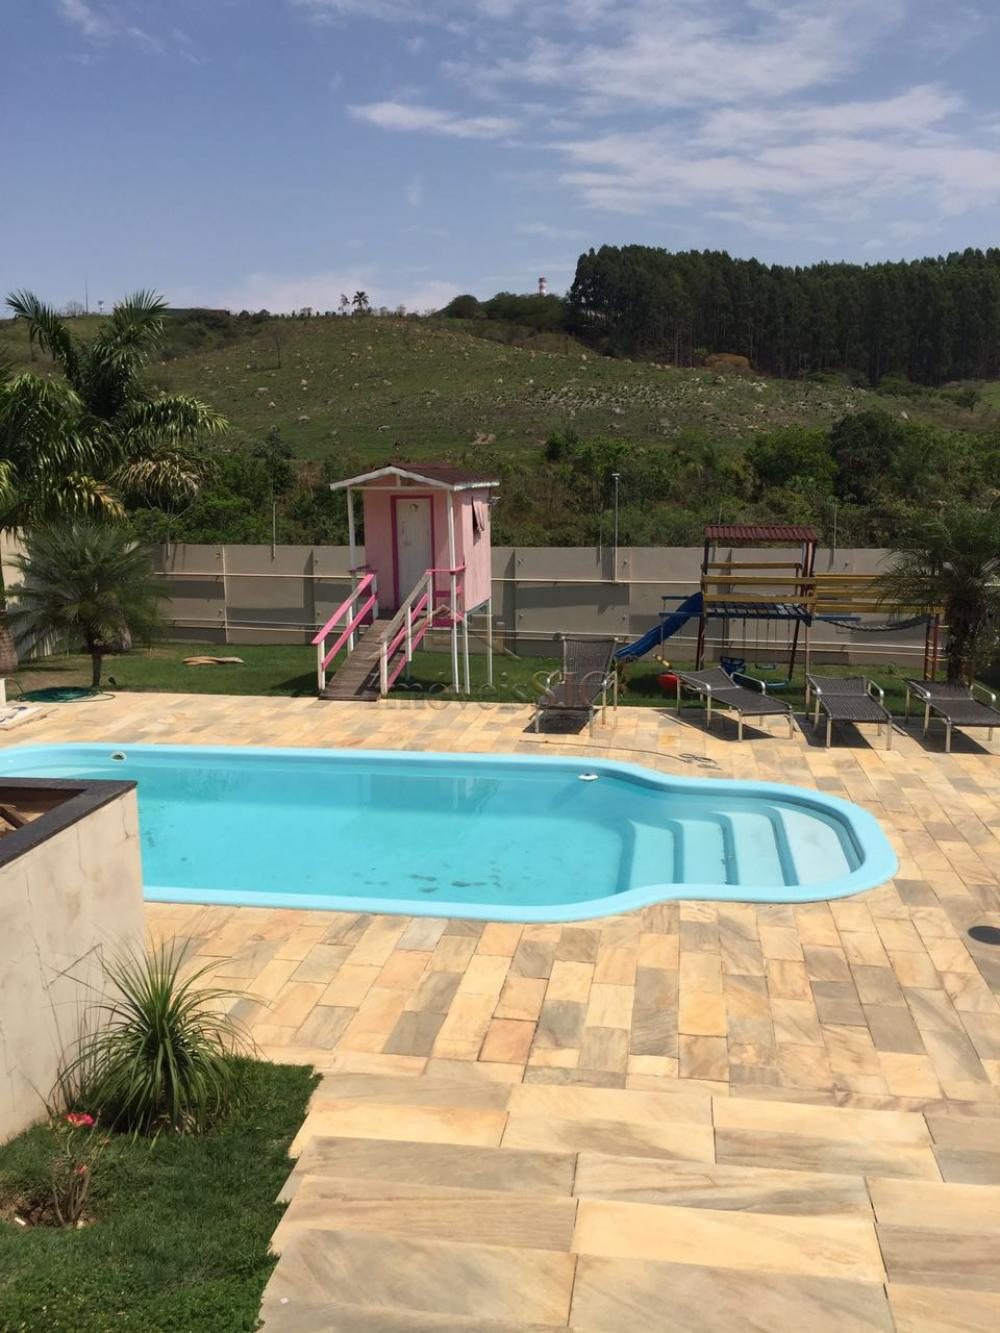 Comprar Casas / Condomínio em Jacareí apenas R$ 1.350.000,00 - Foto 10